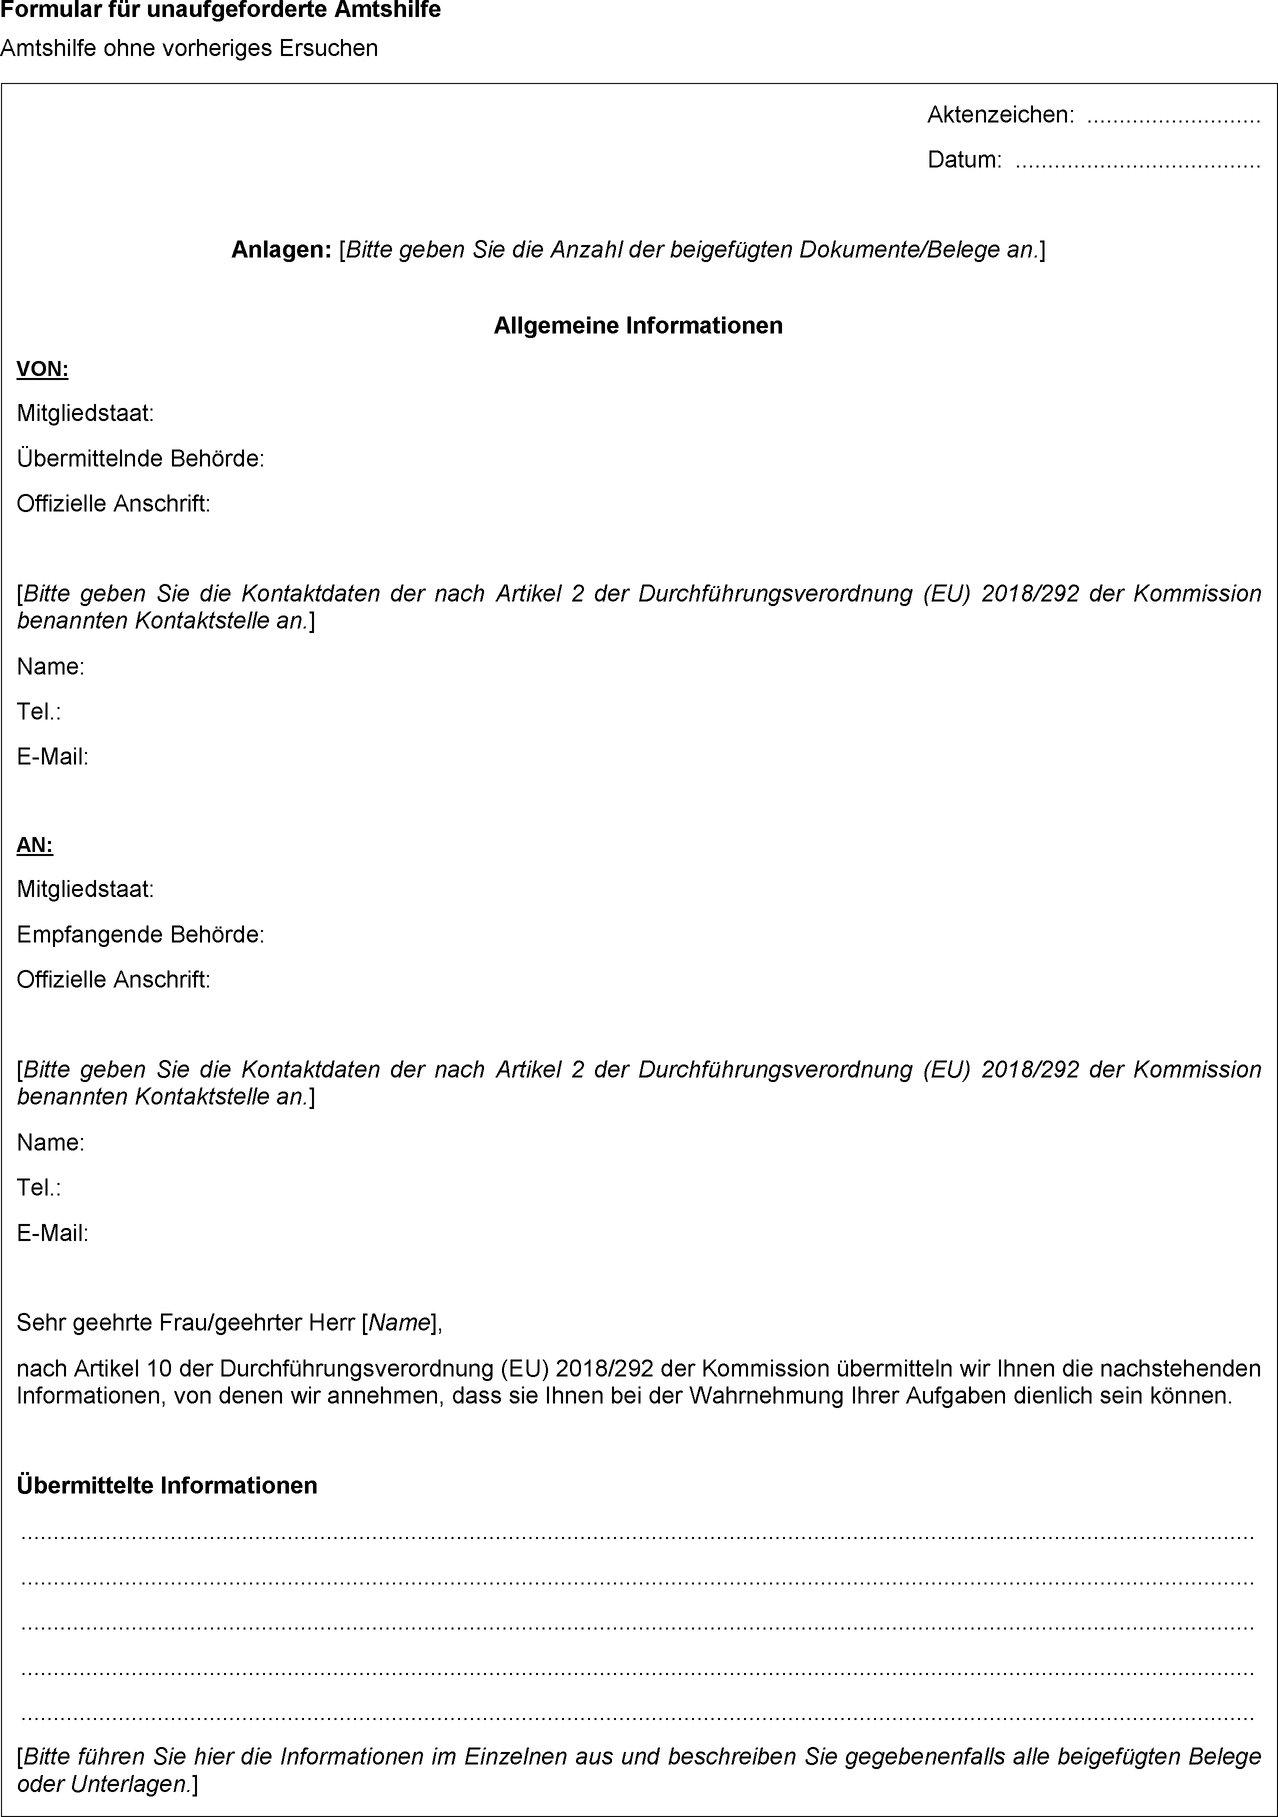 Tolle Lebenslaufformat Für Bundesjobs Fotos - Entry Level Resume ...